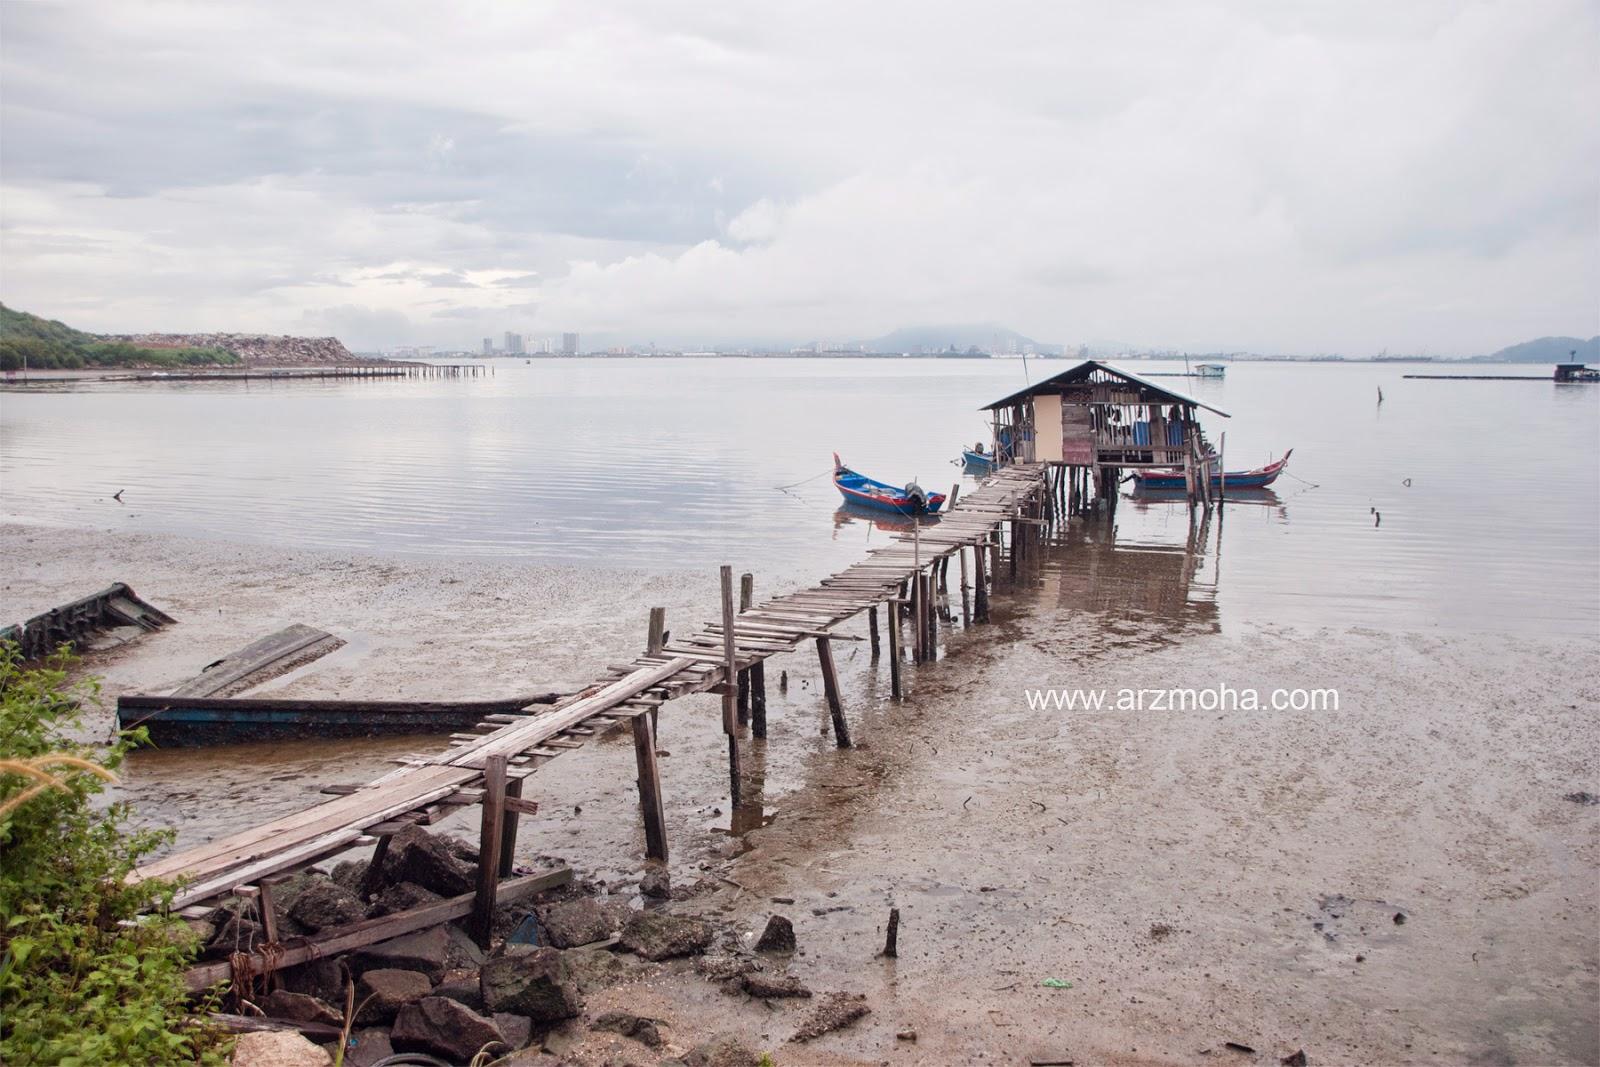 Jeti, Nelayan, gambar cantik, arzmoha, pulau pinang, landscape